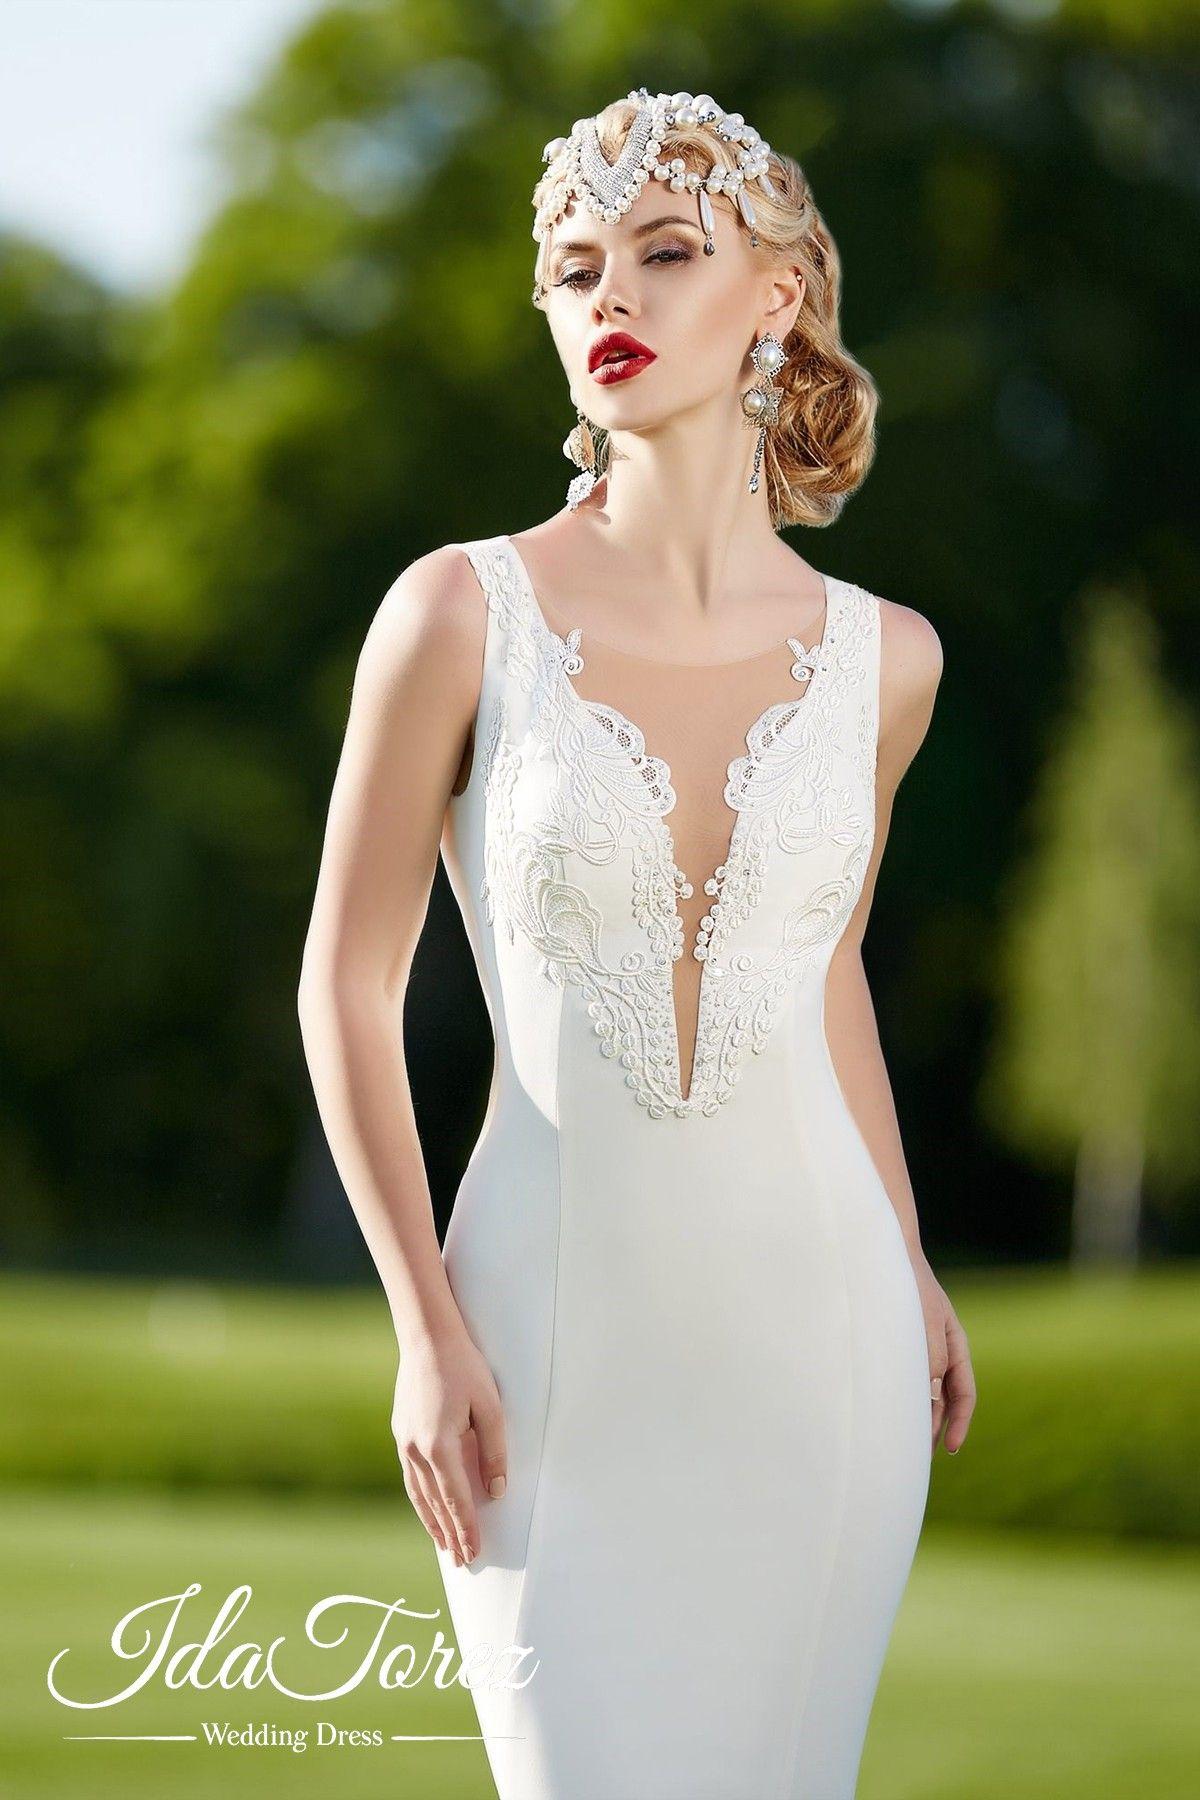 Usd 929 Trumpet Mermaid Train Stretch Crepe Wedding Dress 01015 Wedding Dresses Atlanta Wedding Dresses Applique Wedding Dress [ 1800 x 1200 Pixel ]